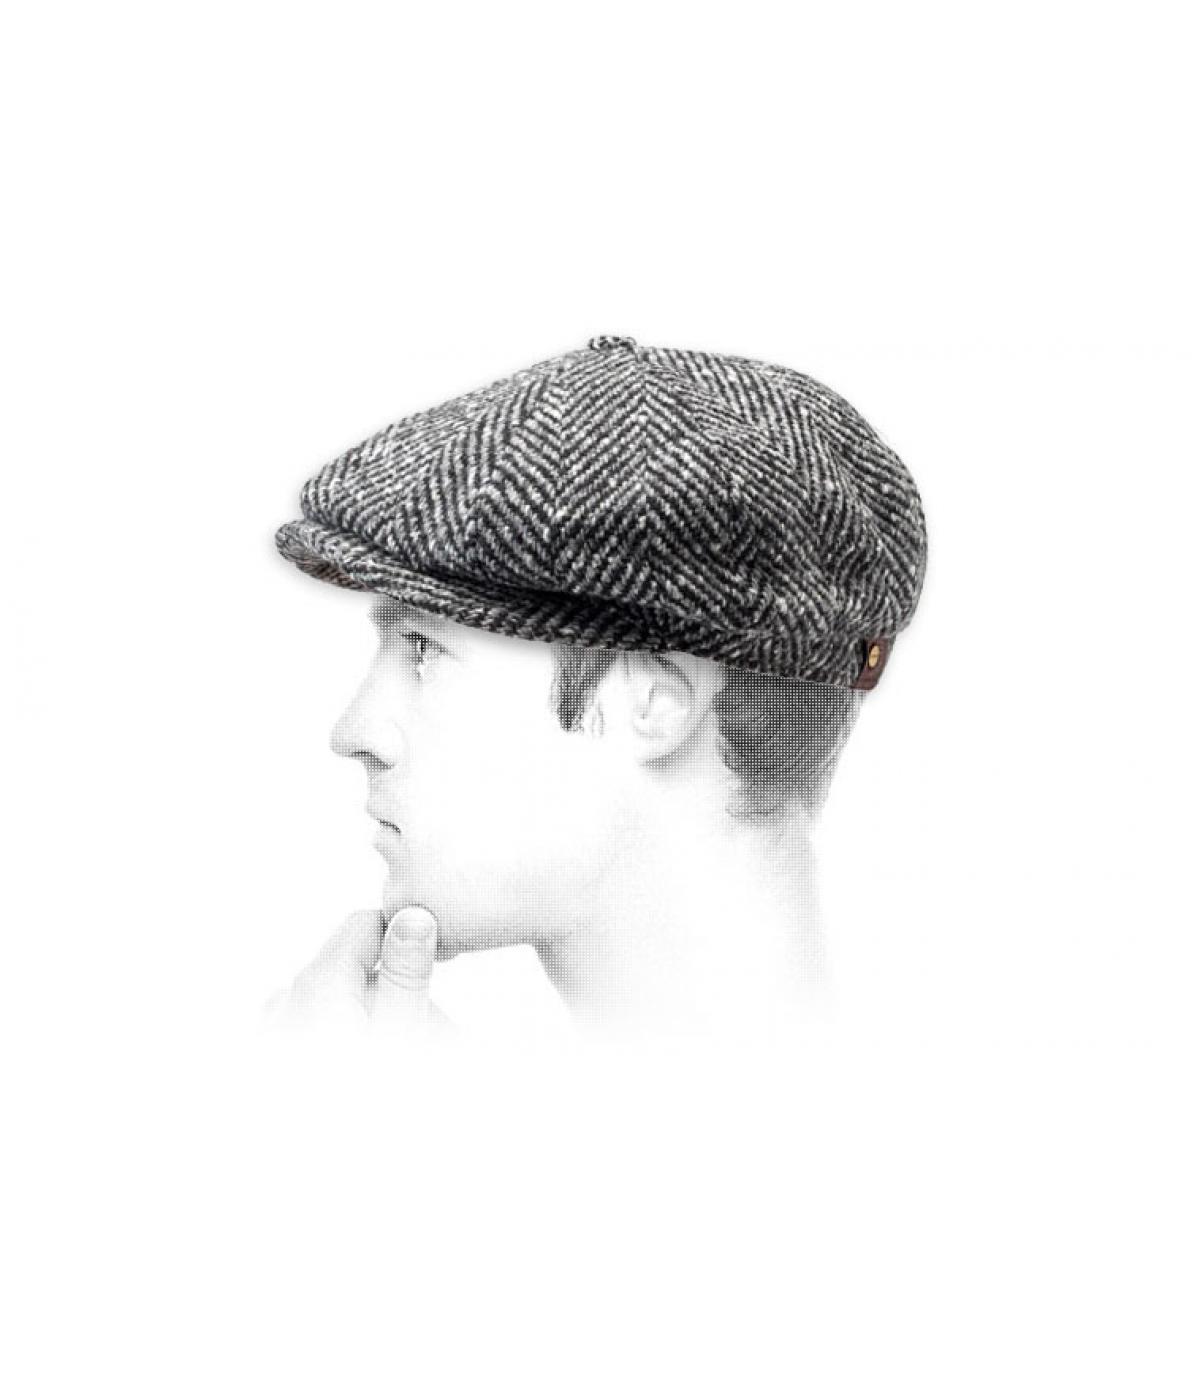 Detalles Hatteras Herringbone black white imagen 3